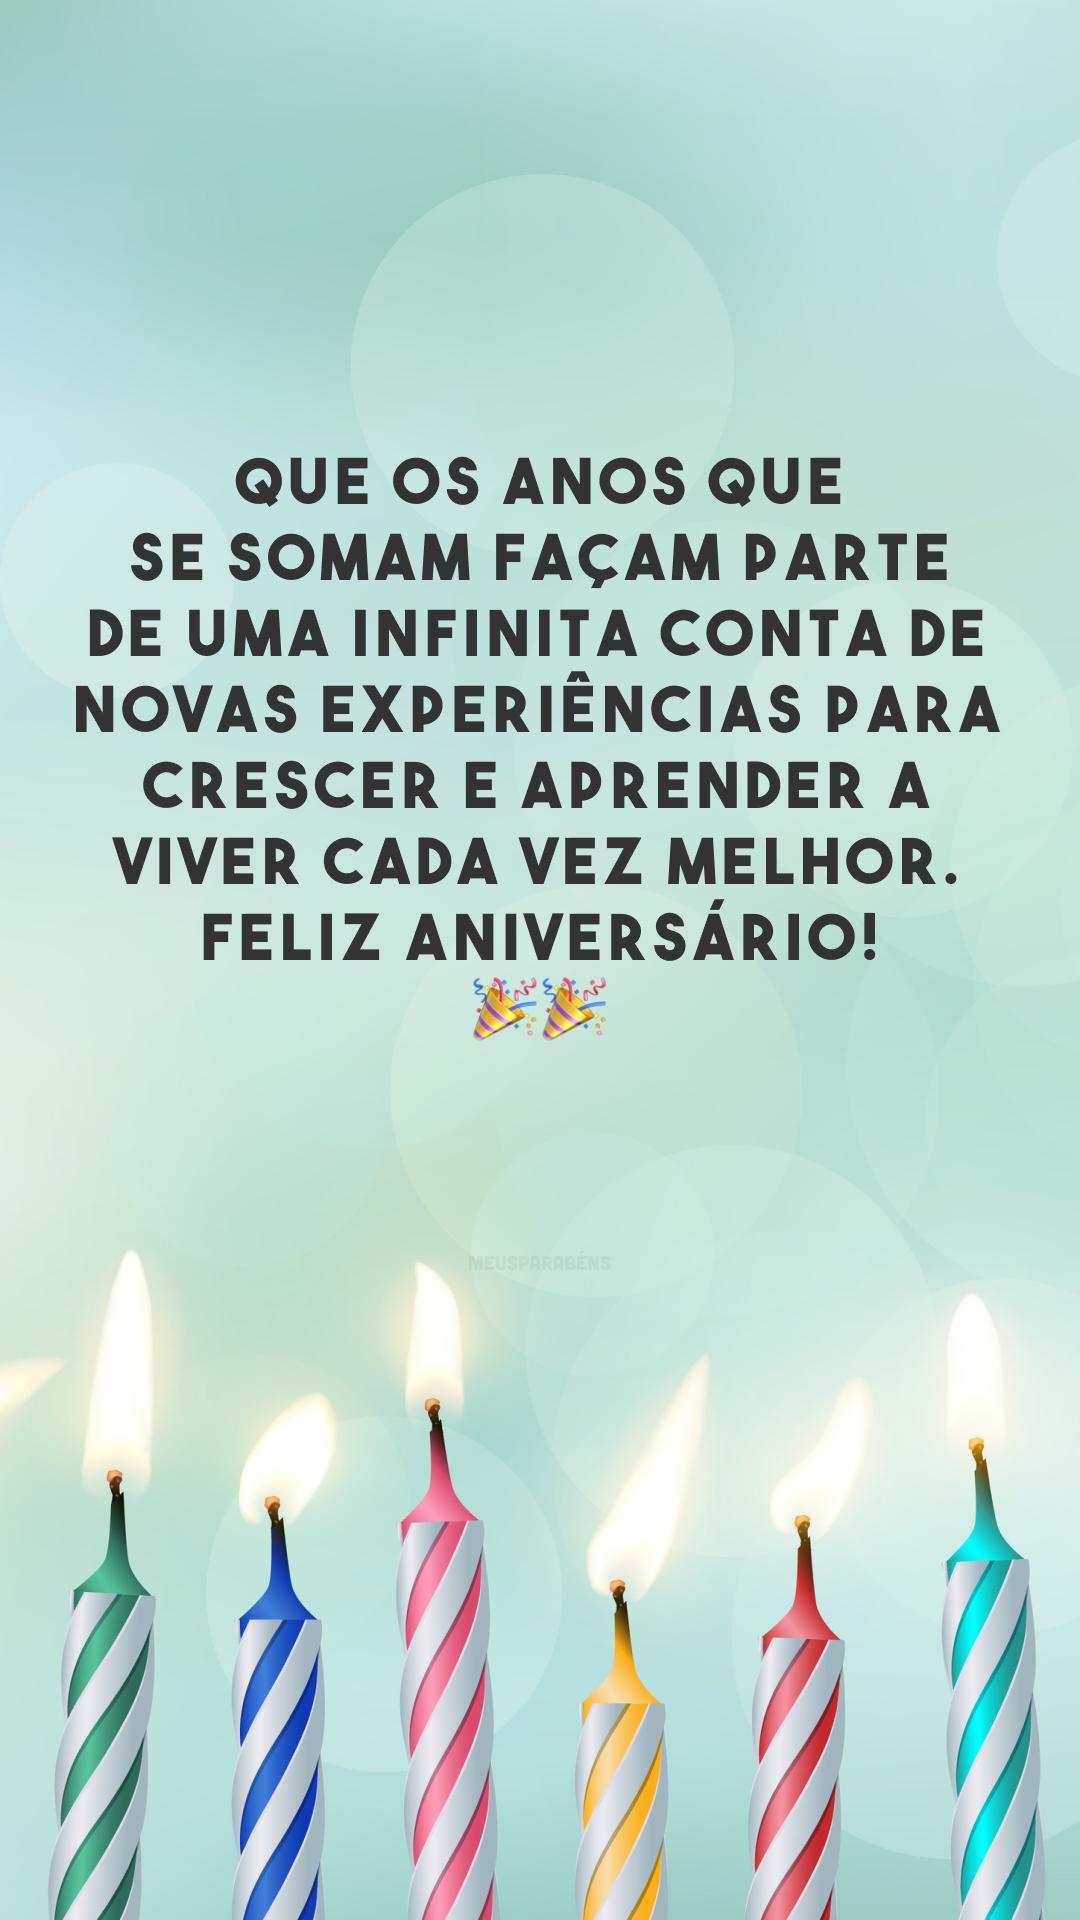 Que os anos que se somam façam parte de uma infinita conta de novas experiências para crescer e aprender a viver cada vez melhor. Feliz aniversário! 🎉🎉